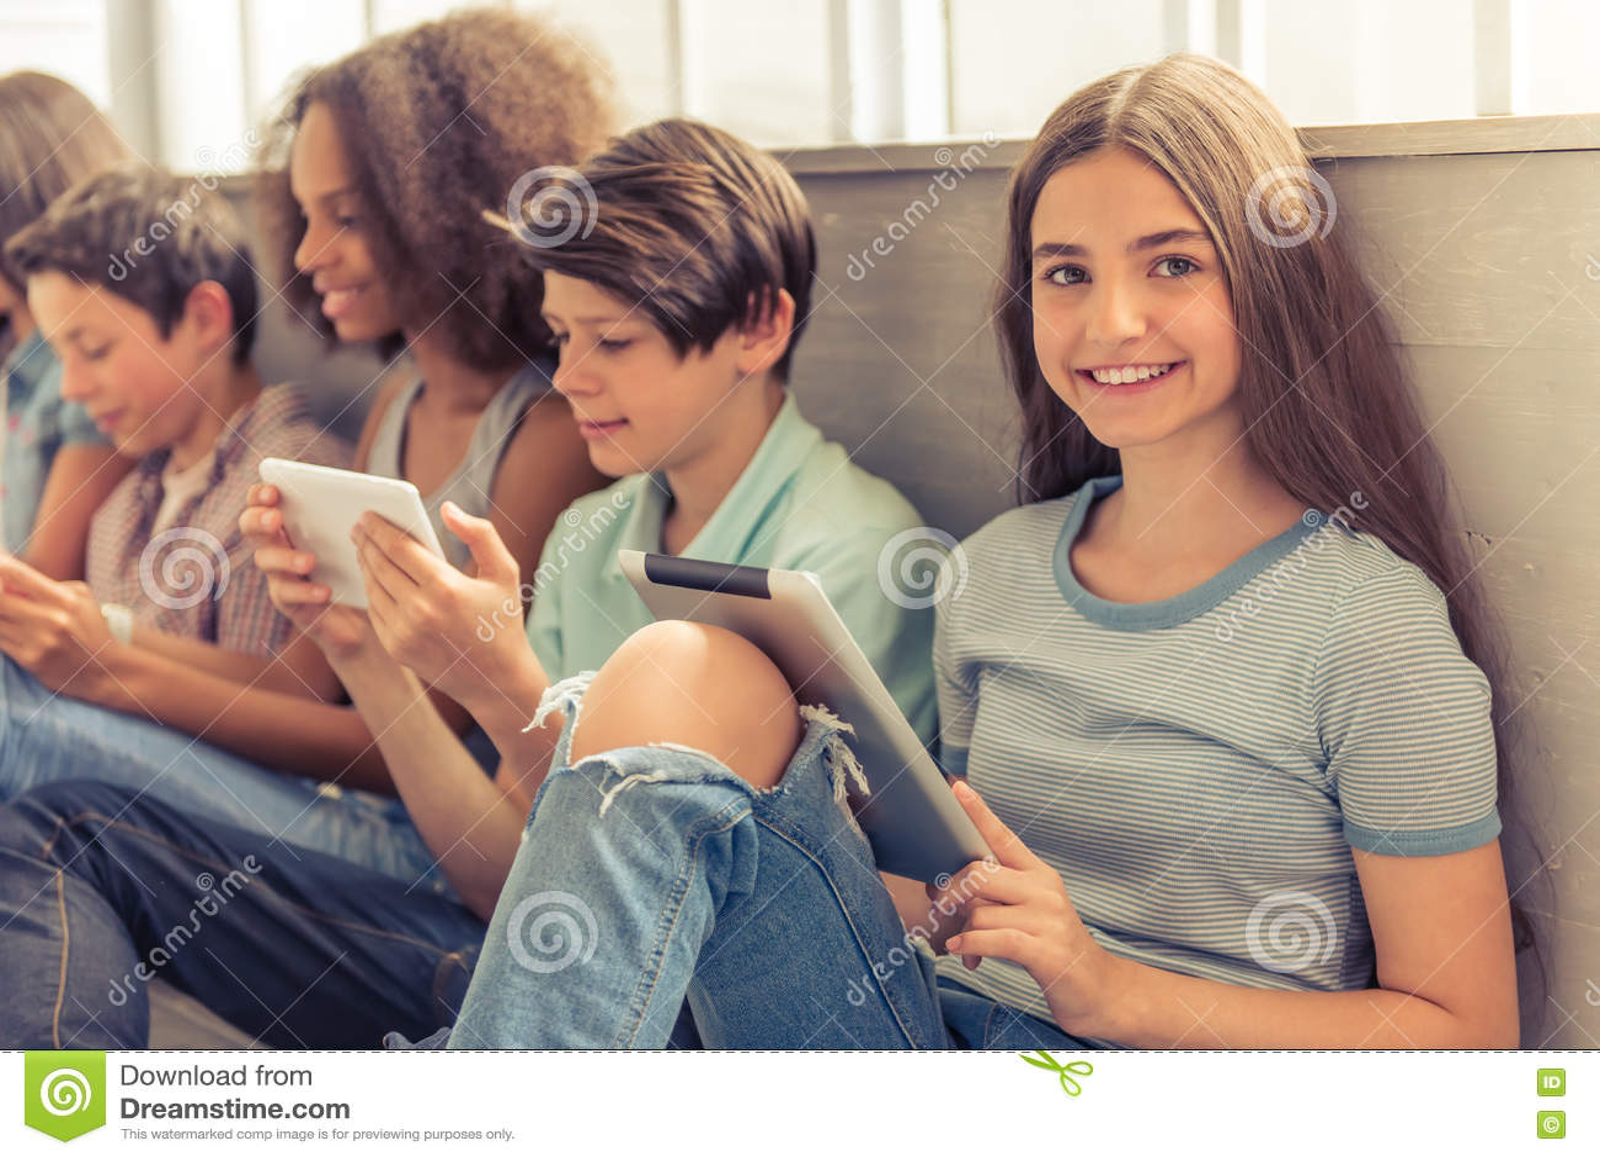 download teenagers